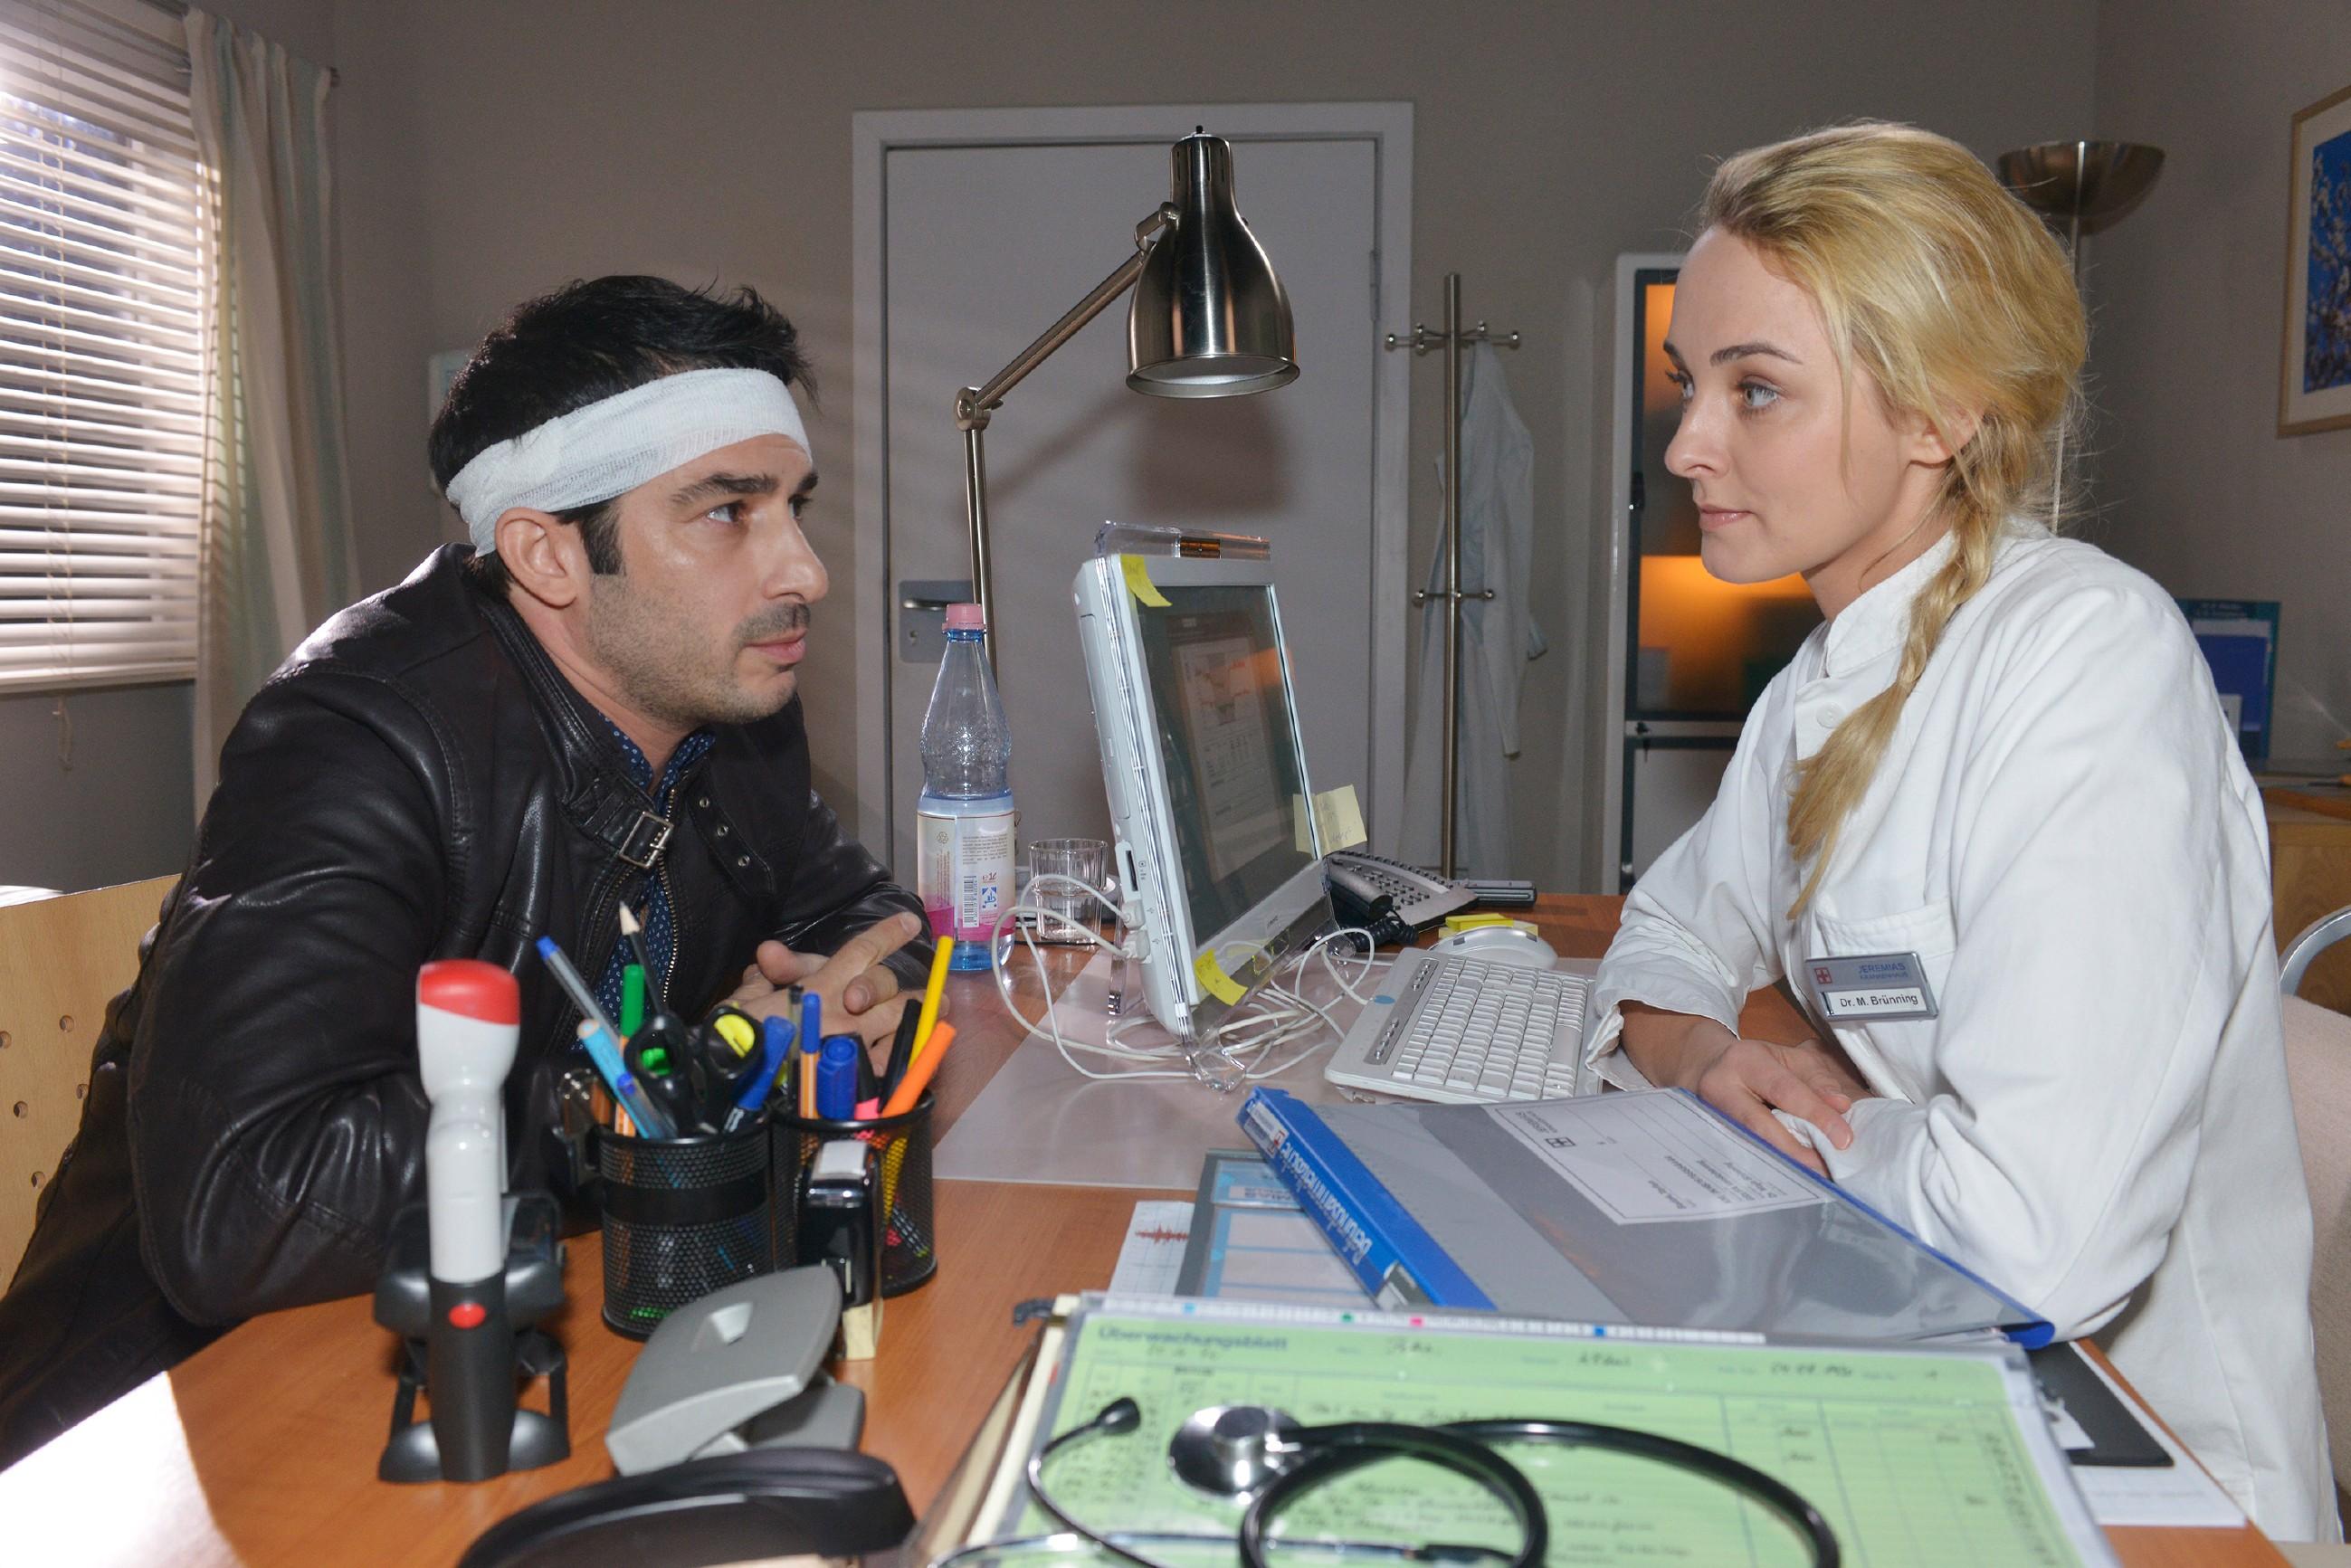 Tayfun (Tayfun Baydar) sucht den Rat seiner Ärztin Dr. Maja Brünning (Anne-Catrin Märzke), die ihm erklärt, dass seine Emotionen nach der OP gestört sind. (Quelle: RTL / Rolf Baumgartner)